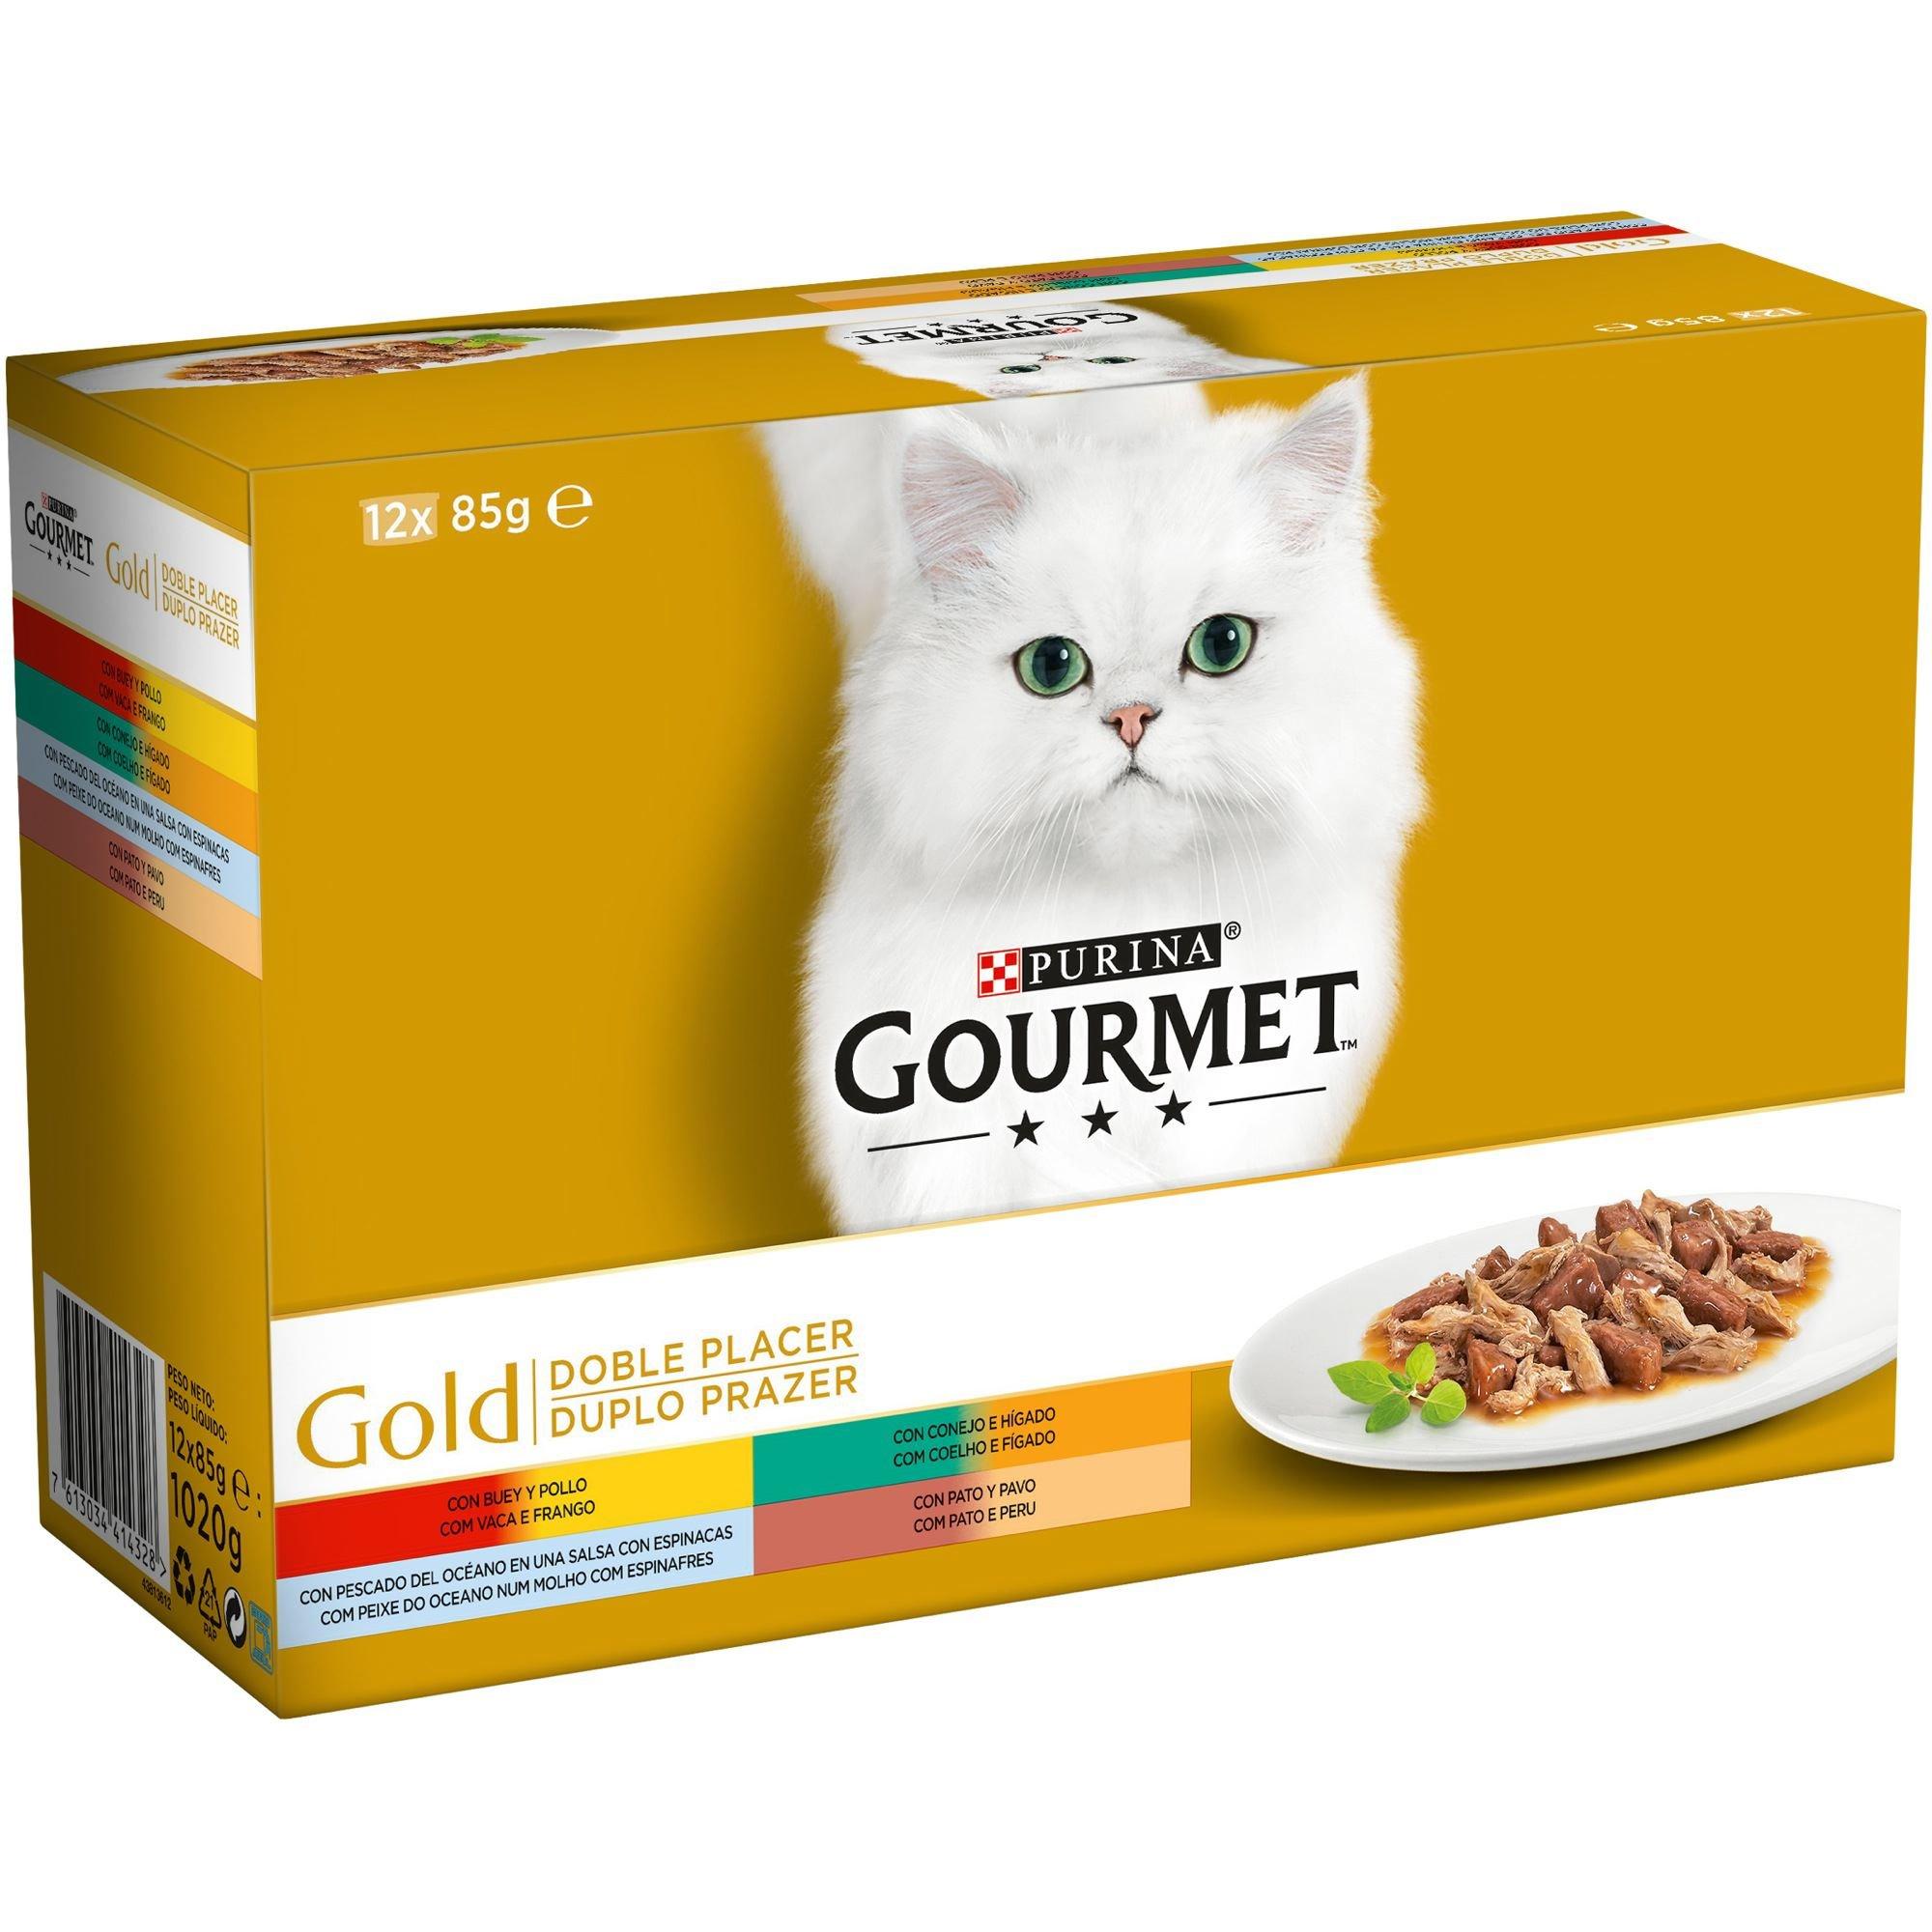 Purina Gourmet Gold Doble Placer comida para gatos Surtido sabores 8 x [12 x 85 g]: Amazon.es: Productos para mascotas